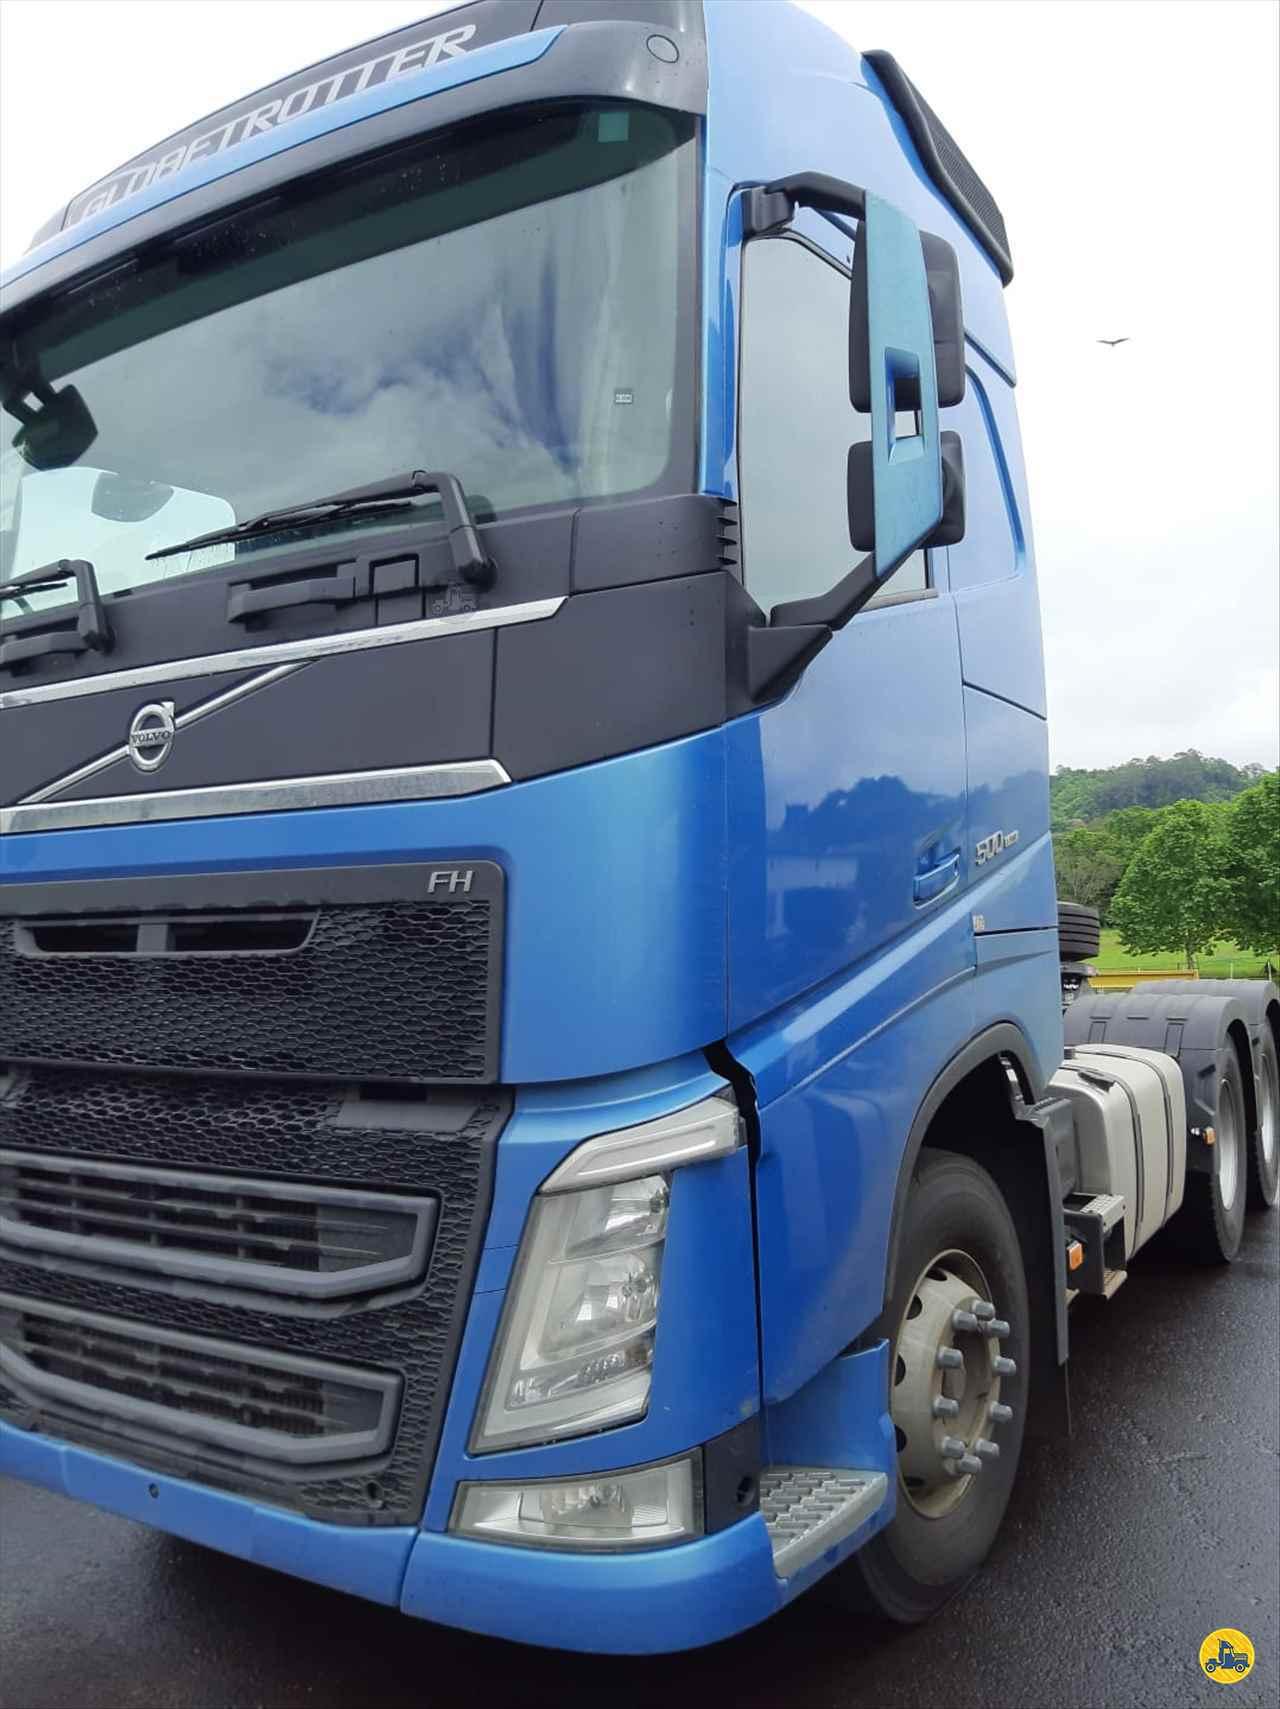 VOLVO FH 500 de Transmap Caminhões - SANTA ROSA/RS